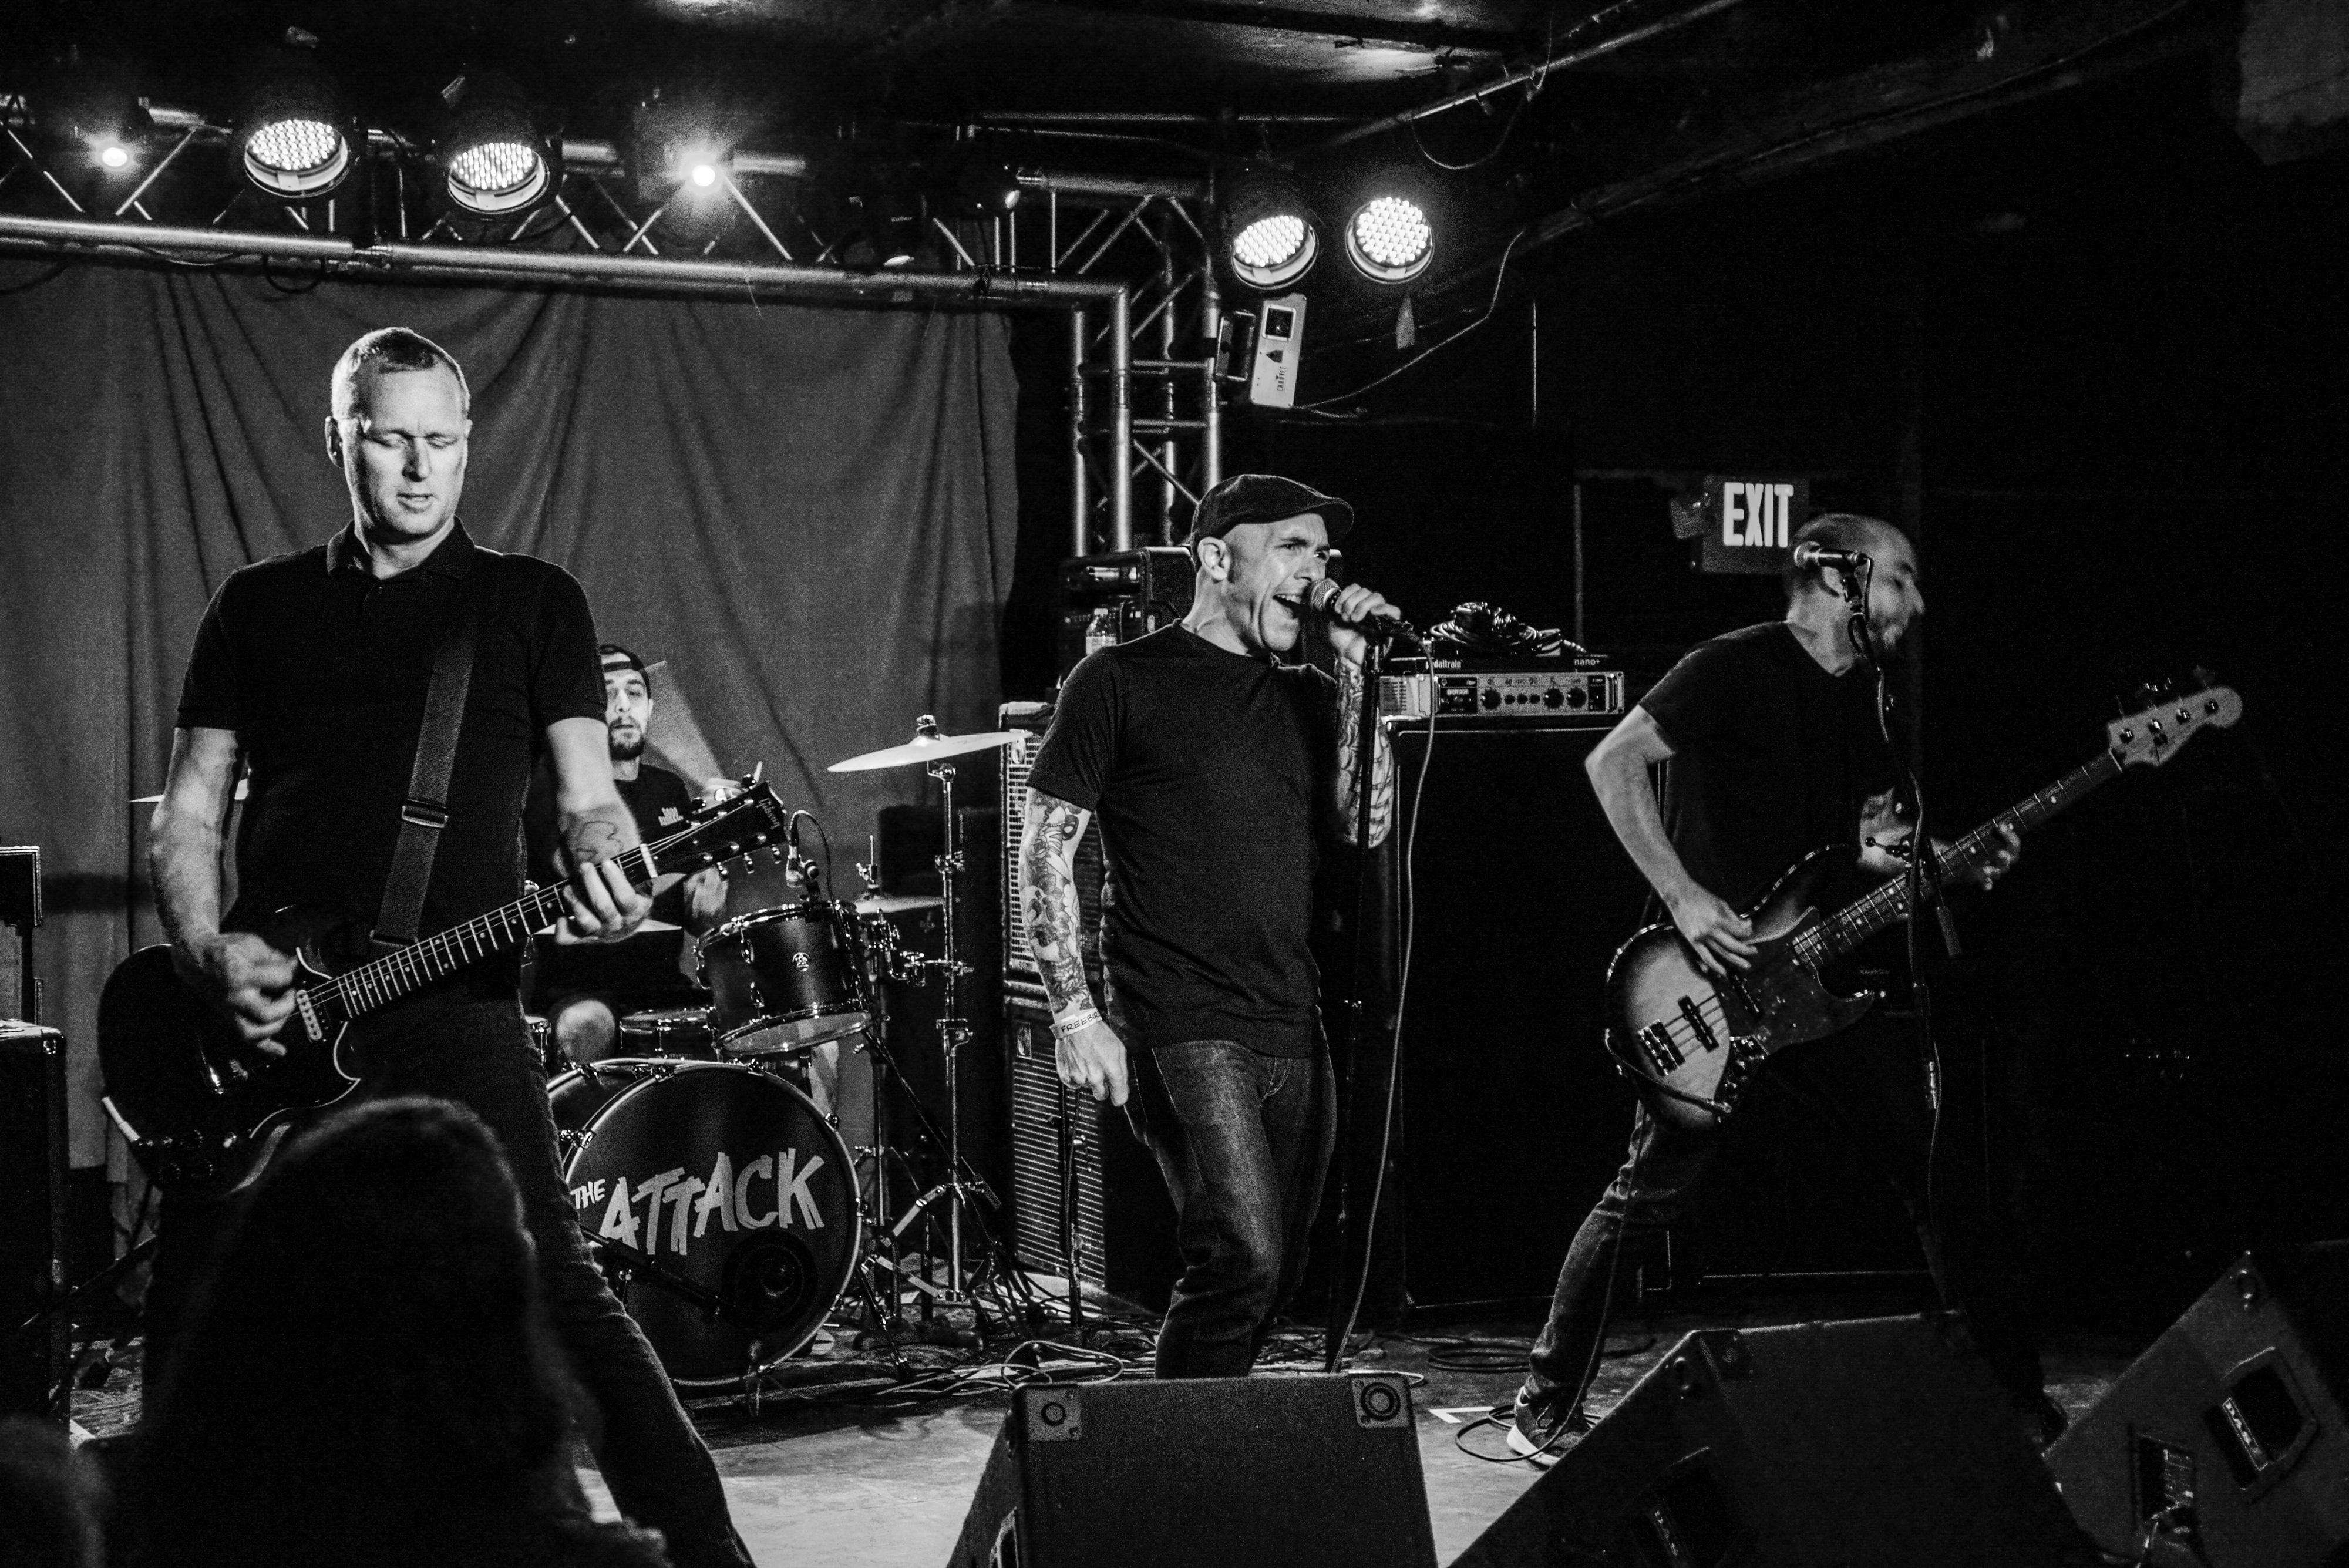 The-Attack-Live-4